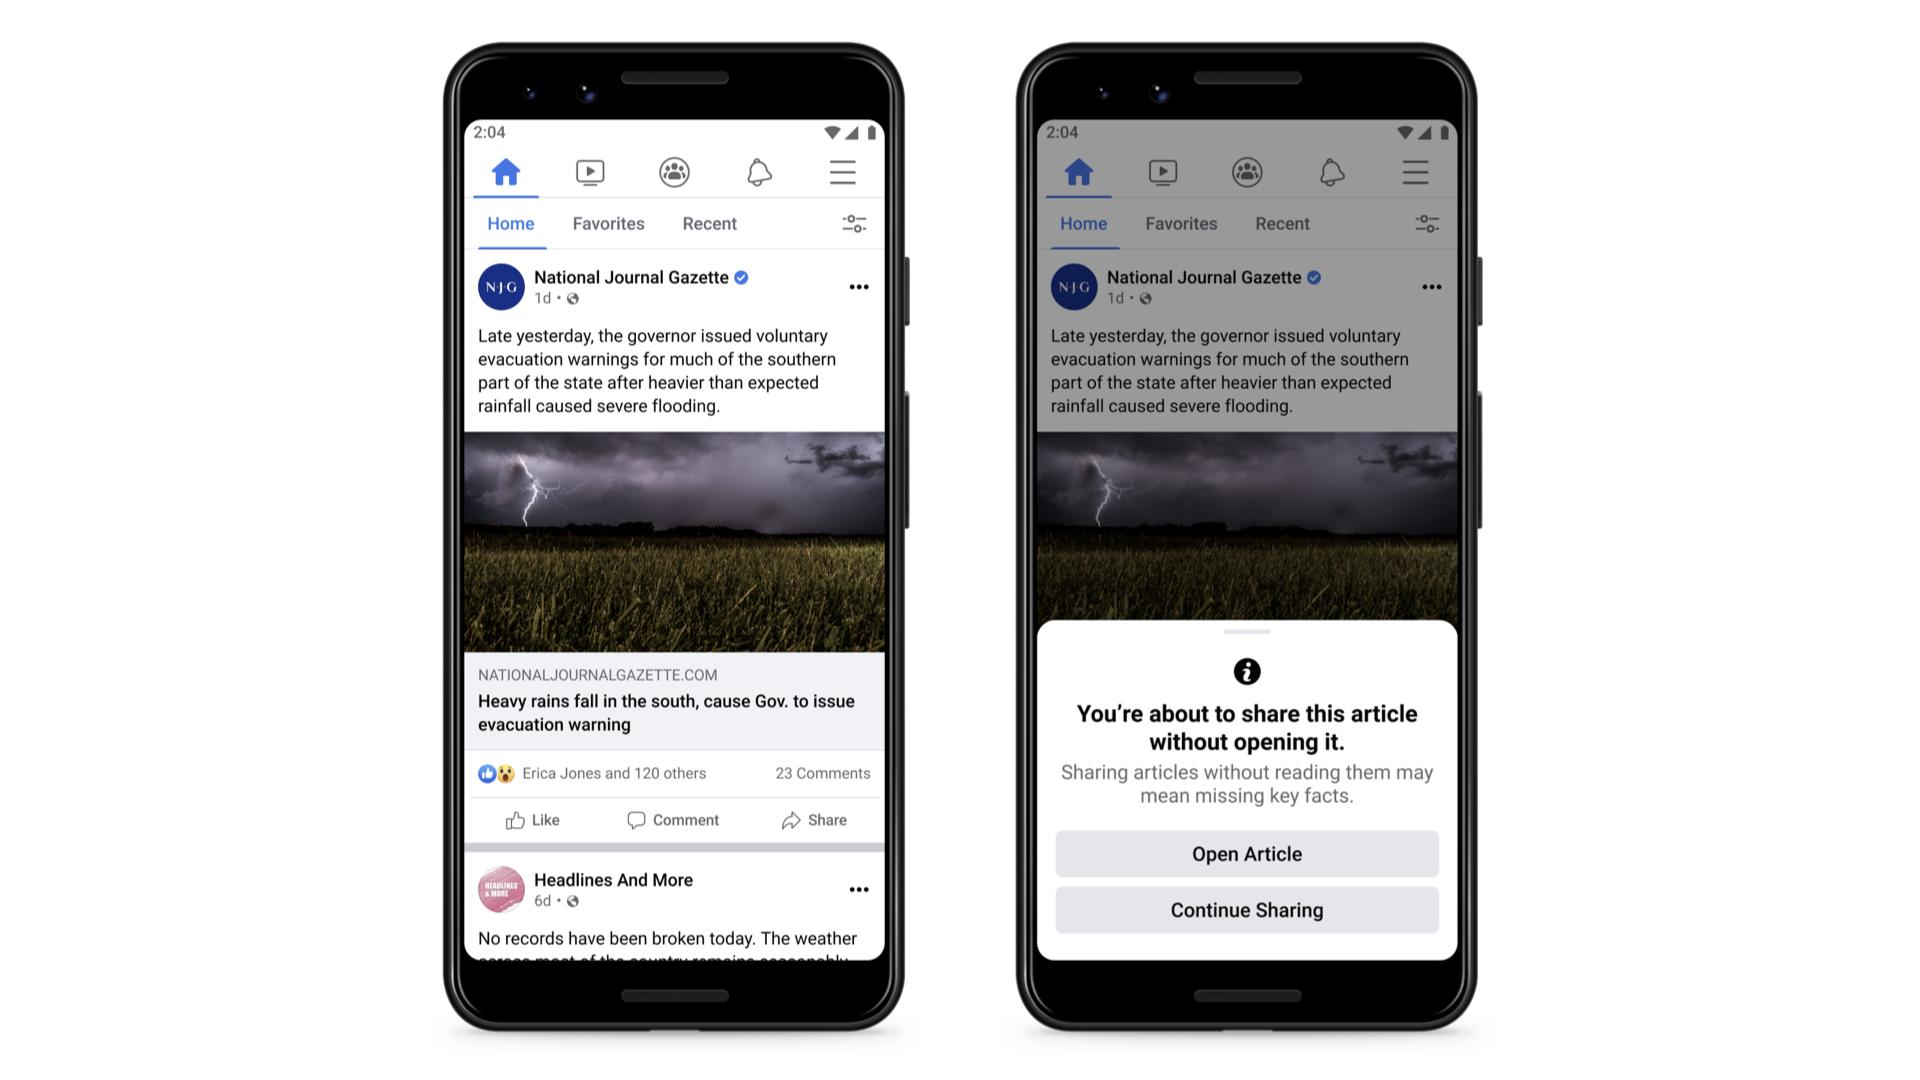 Facebook будет отговаривать пользователей от шейринга статей без их чтения / Facebook